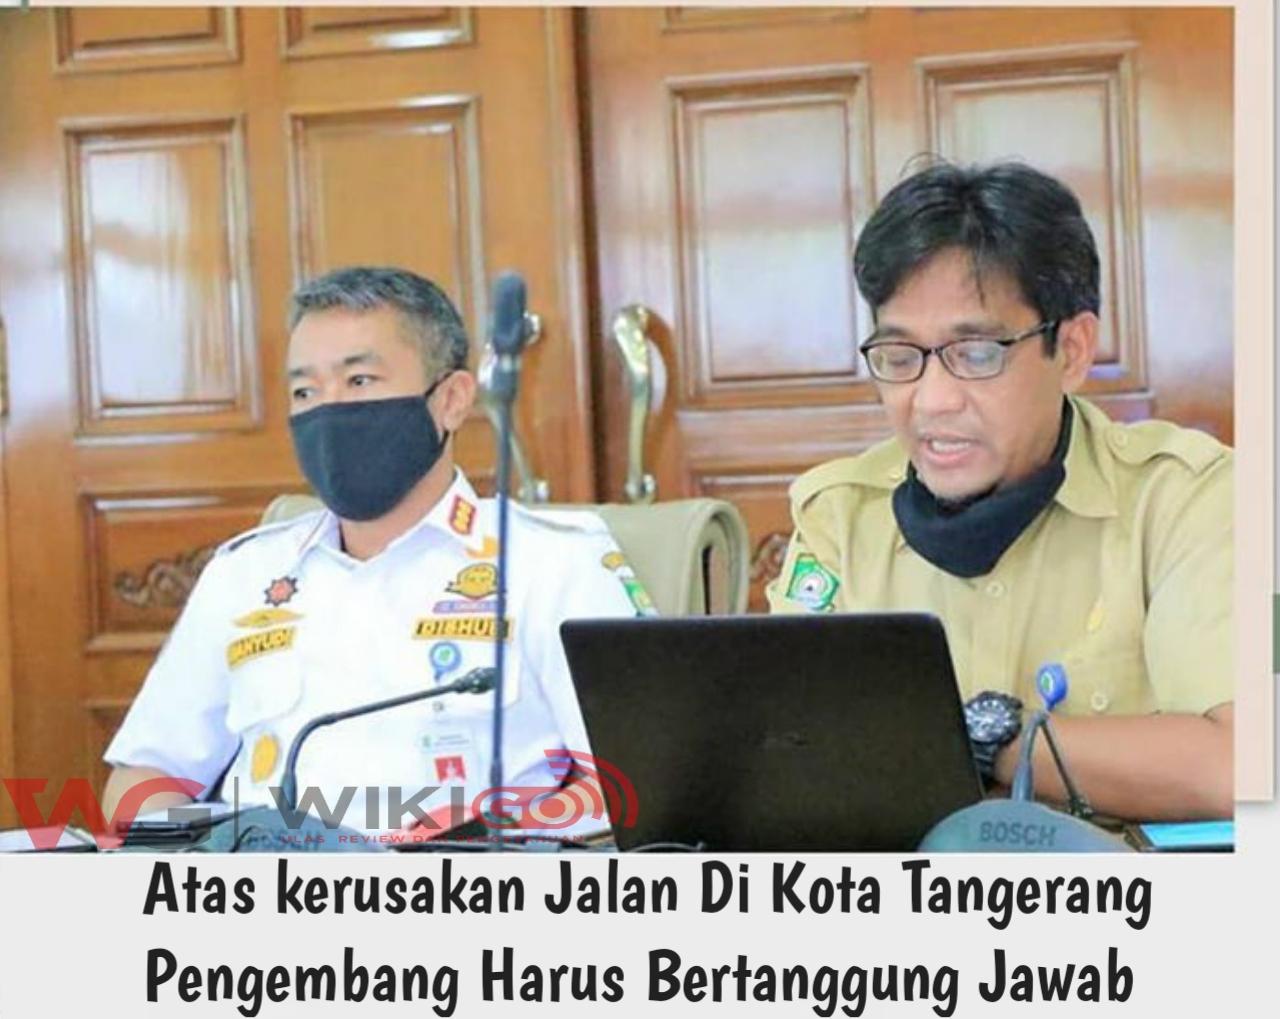 WADAW Beberapa Ruas Jalan Kota Tangerang Rusak Siapa yang bertaggung Jawab?